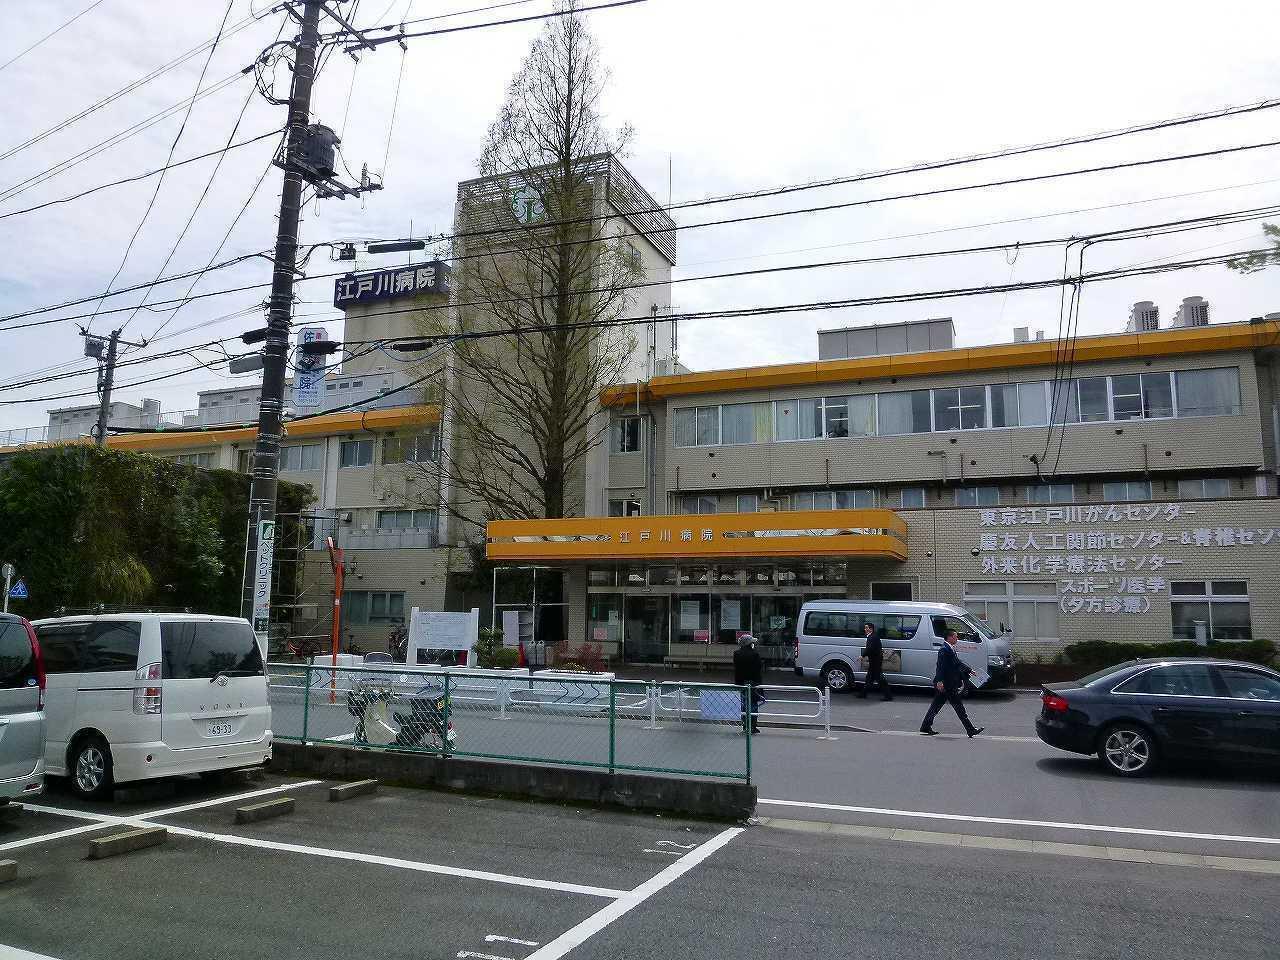 【病院】東小岩2丁目の江戸川病院